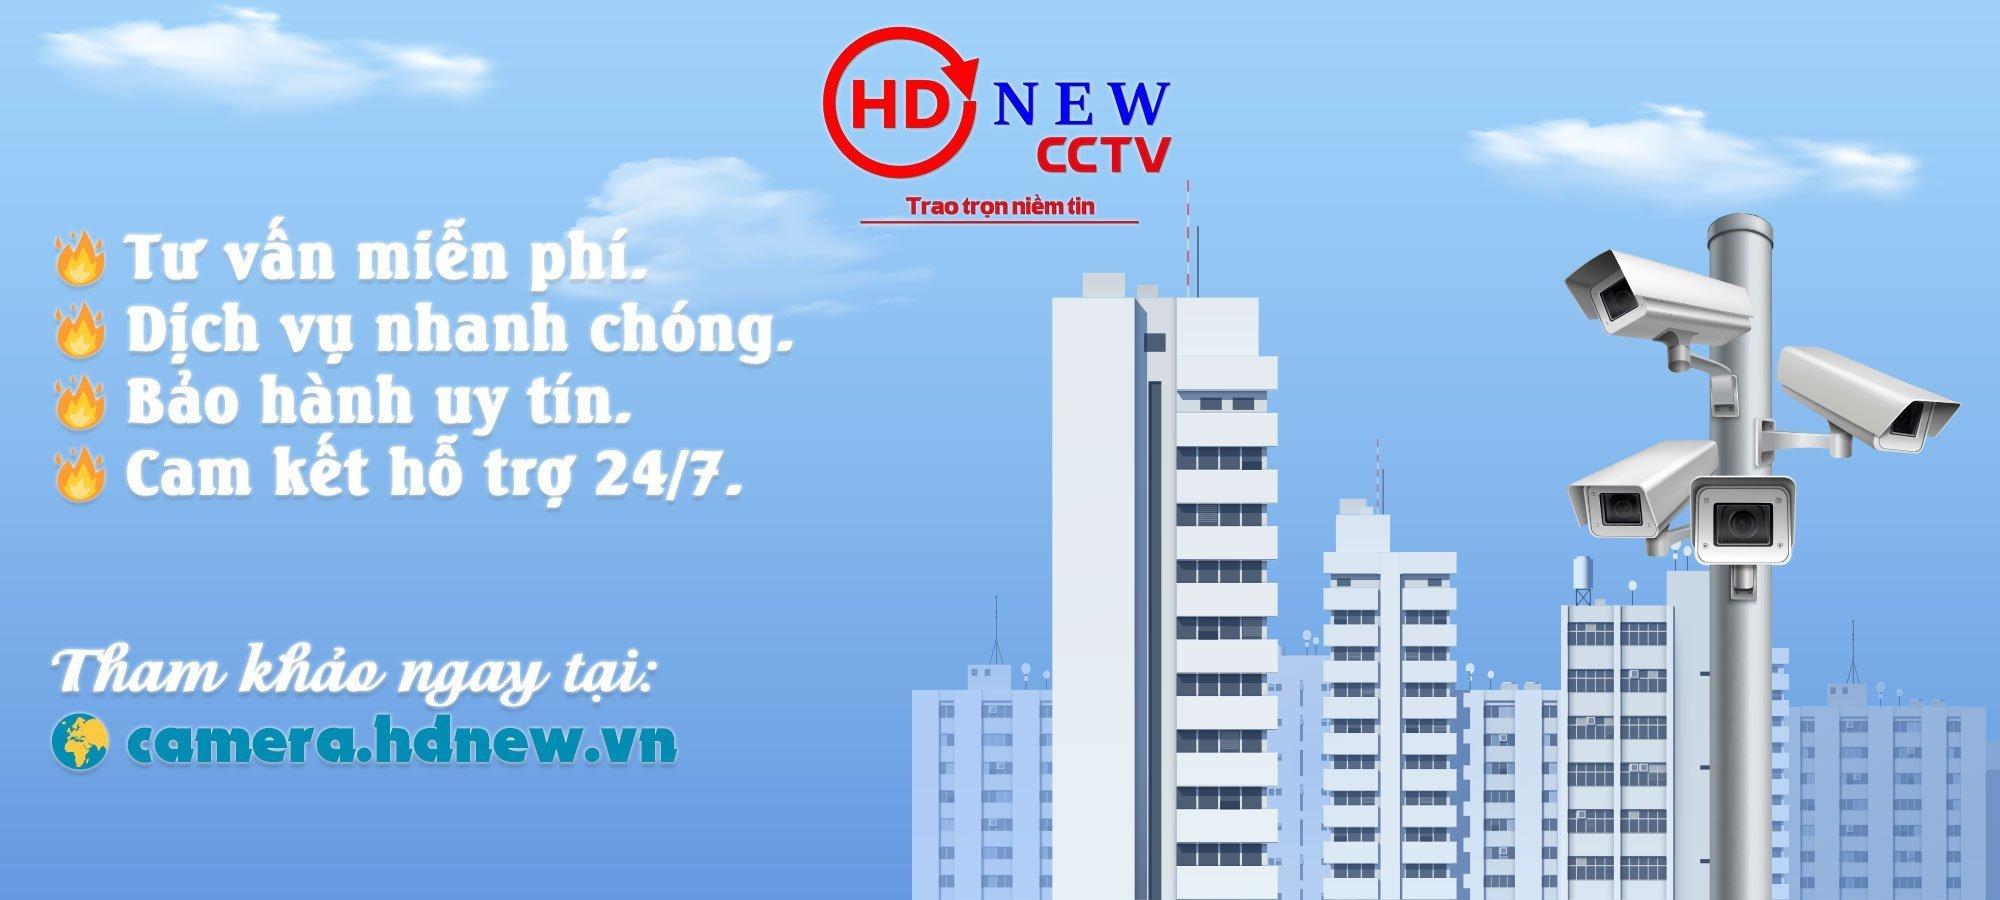 Cung cấp, lắp đặt camera quan sát chính hãng uy tín tại Hà Nam   HDnew CCTV